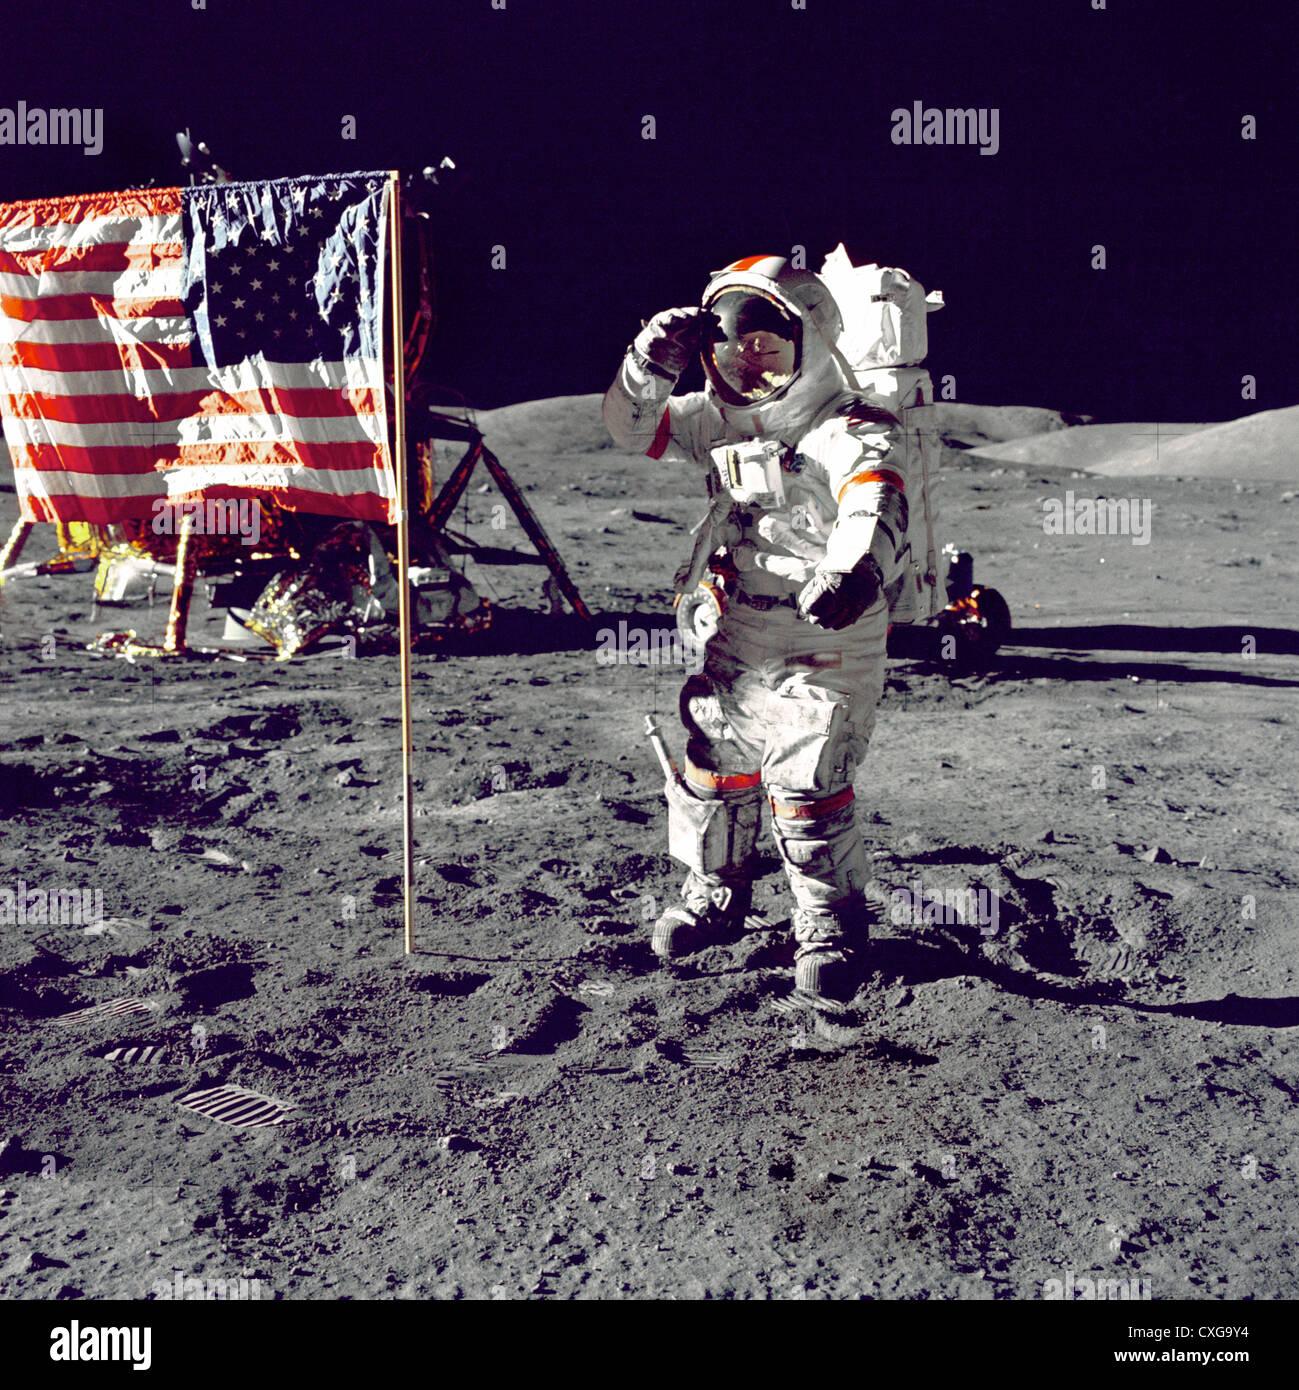 NASA Astronaut standing on moon saluting American flag - Stock Image